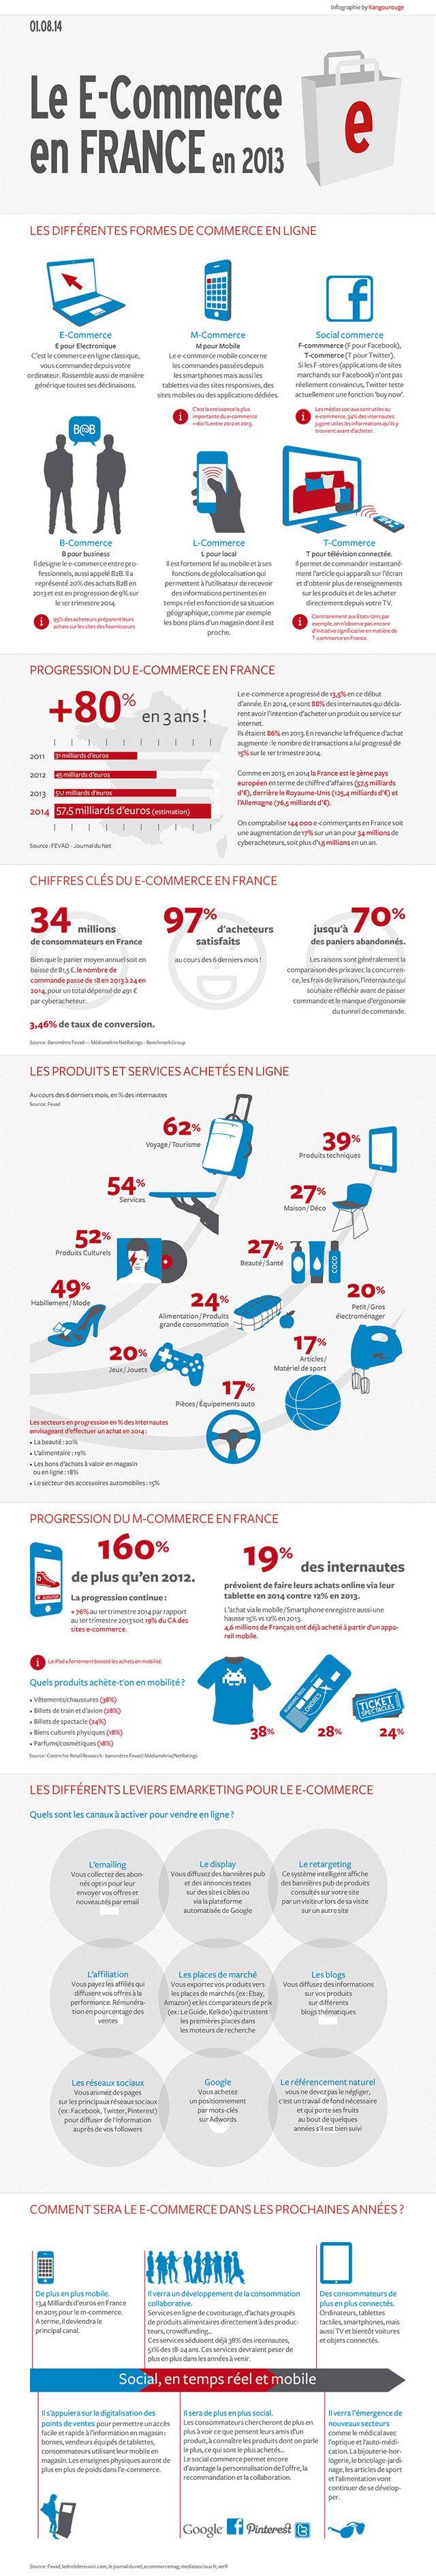 Le e-commerce en France en 2013 / Capitaine-commerce.com